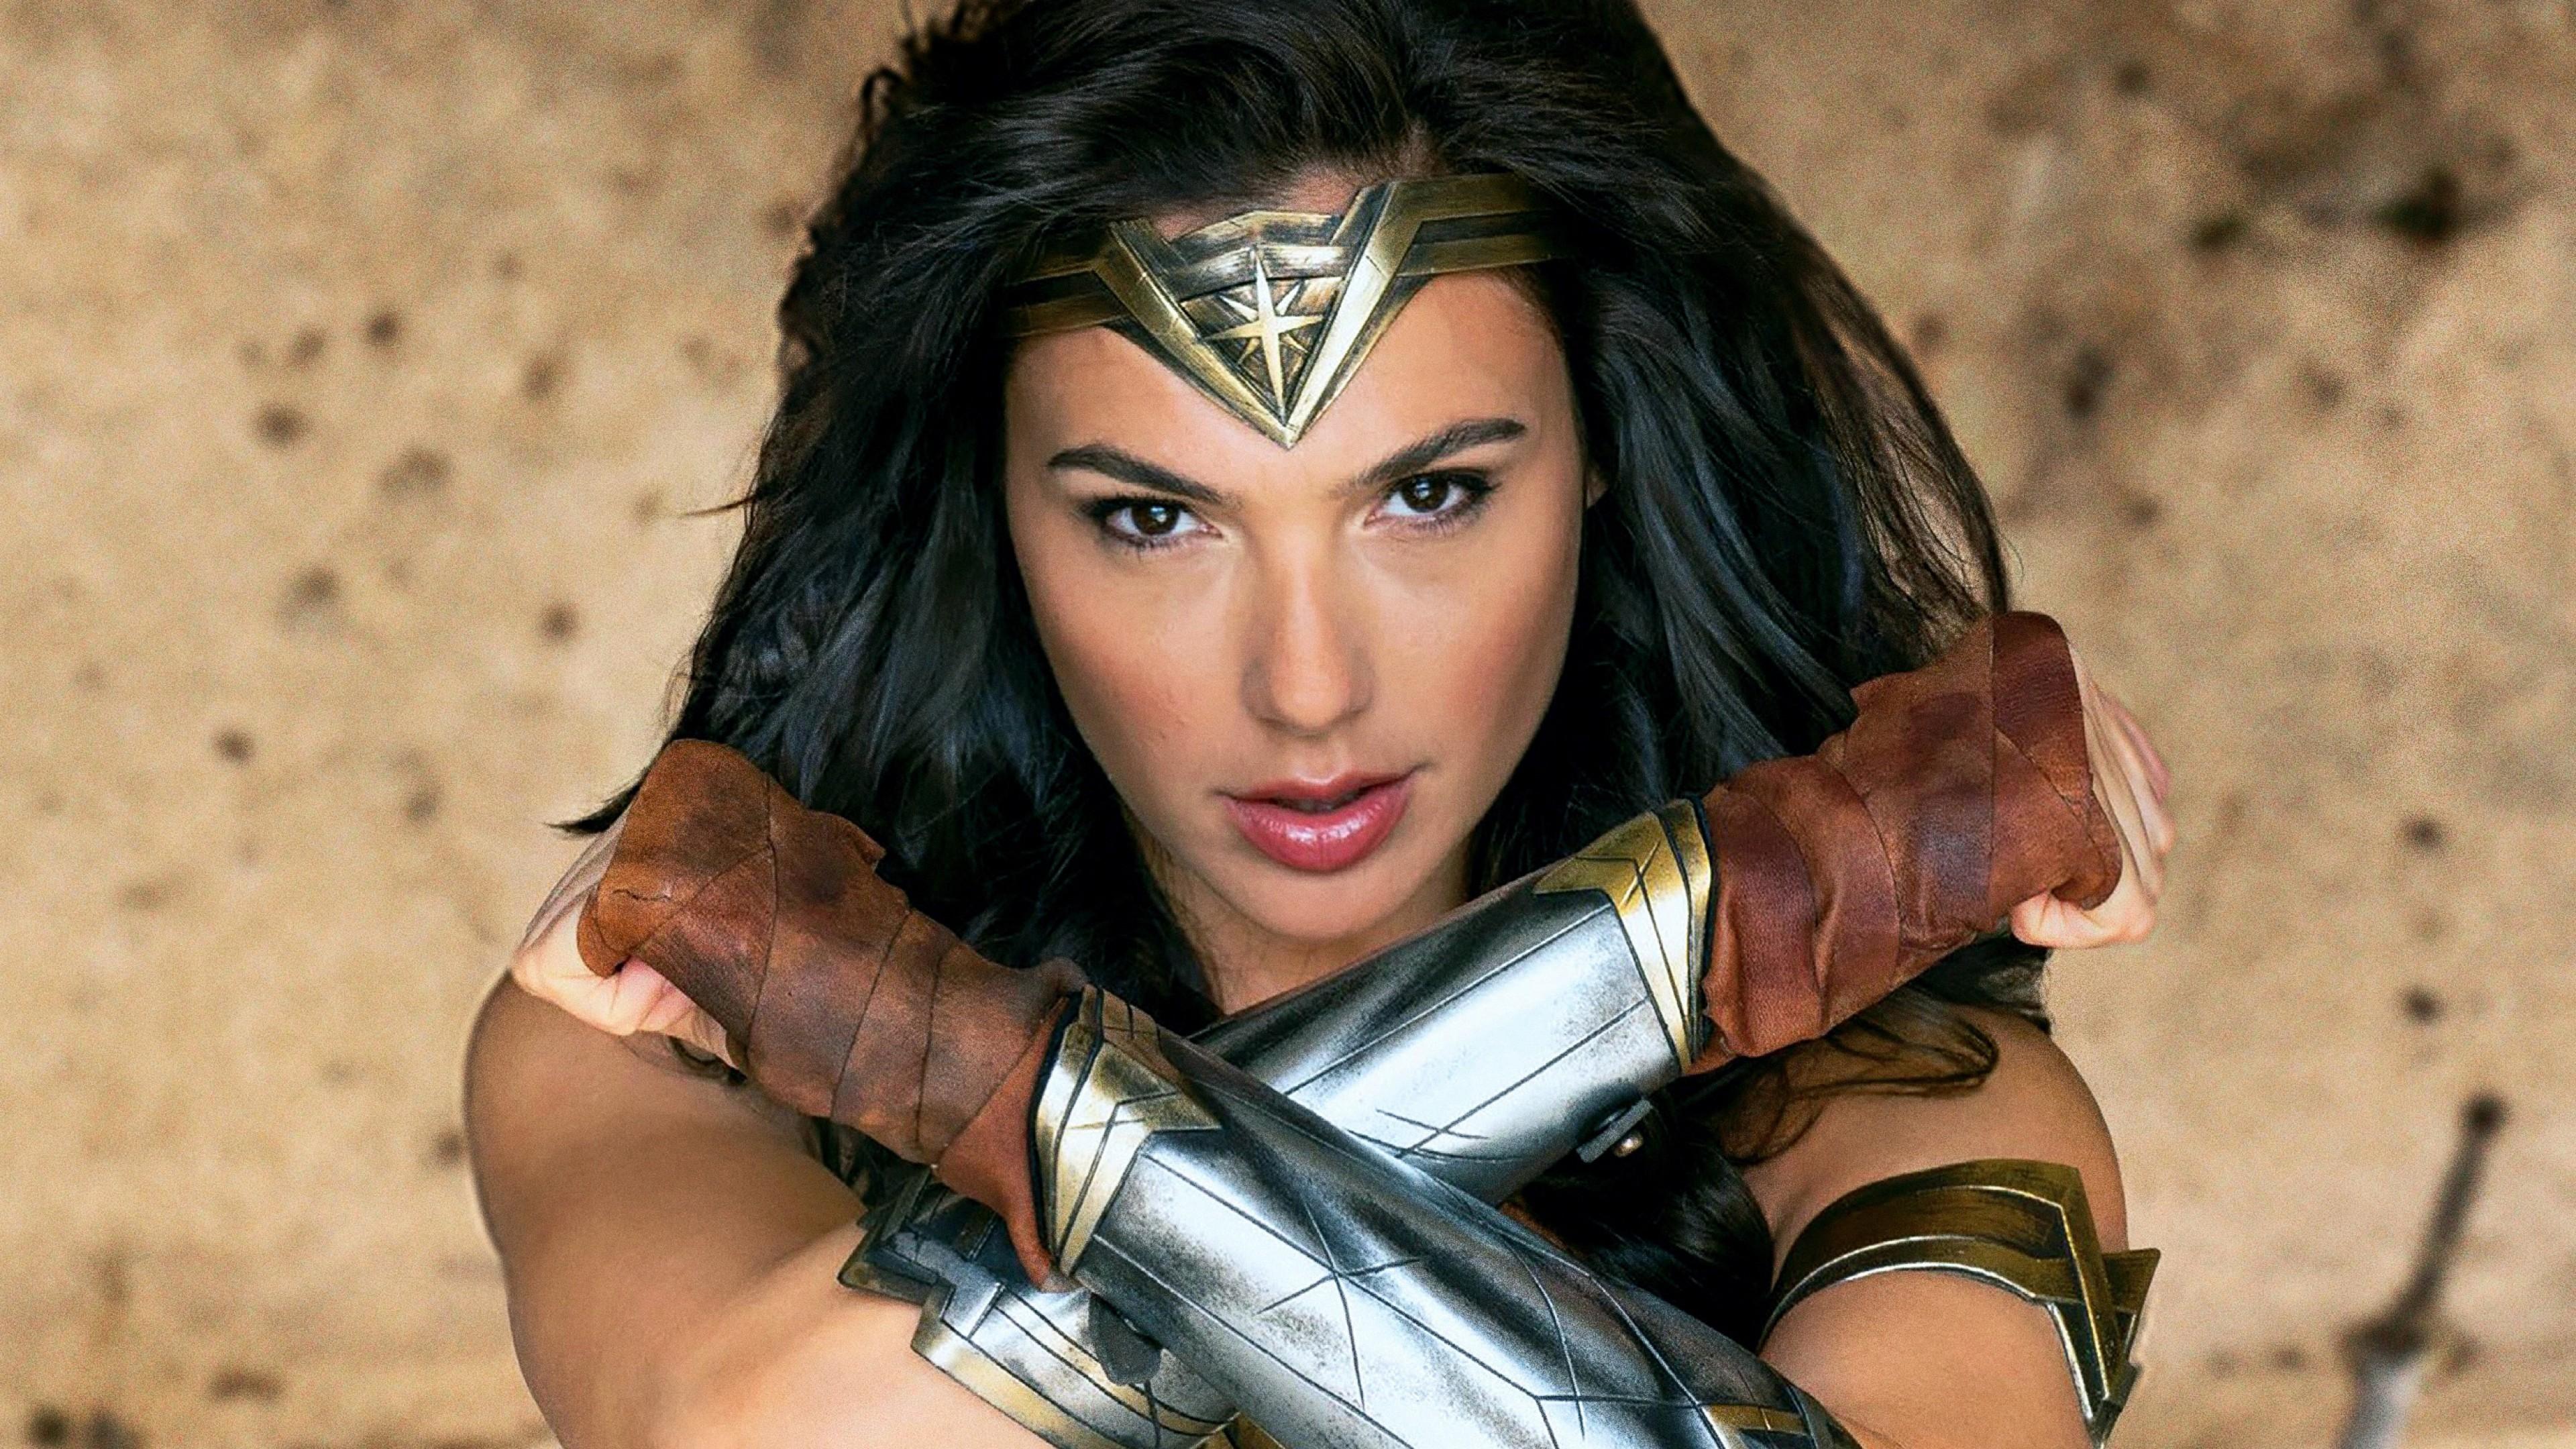 Темноволосая женщина - воин в латных доспехах и блеском в глазах